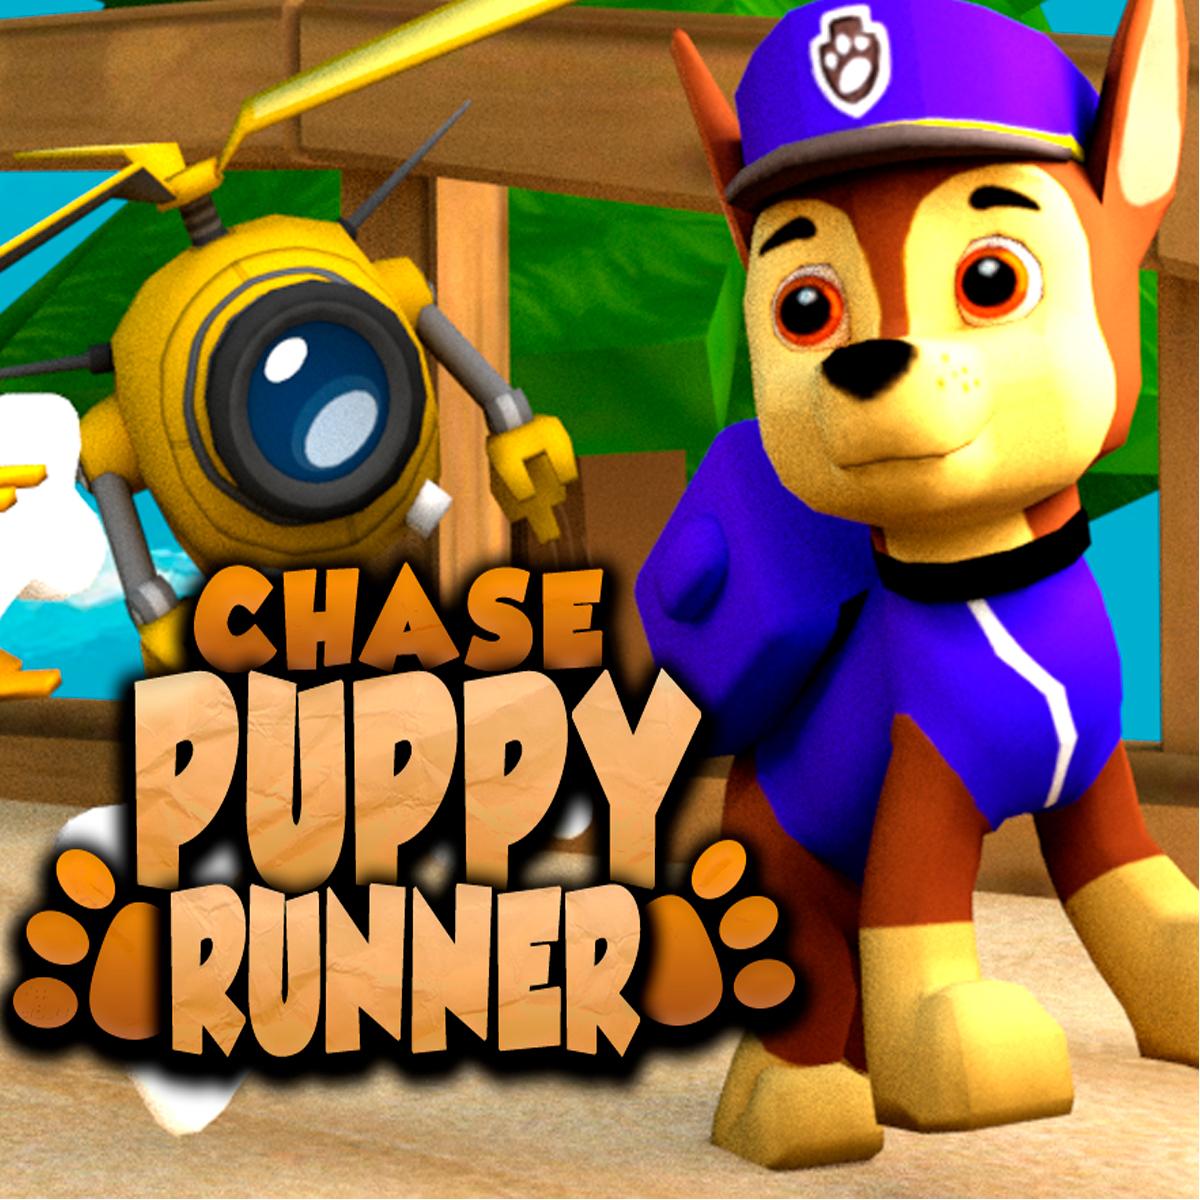 Chase Puppy Runner